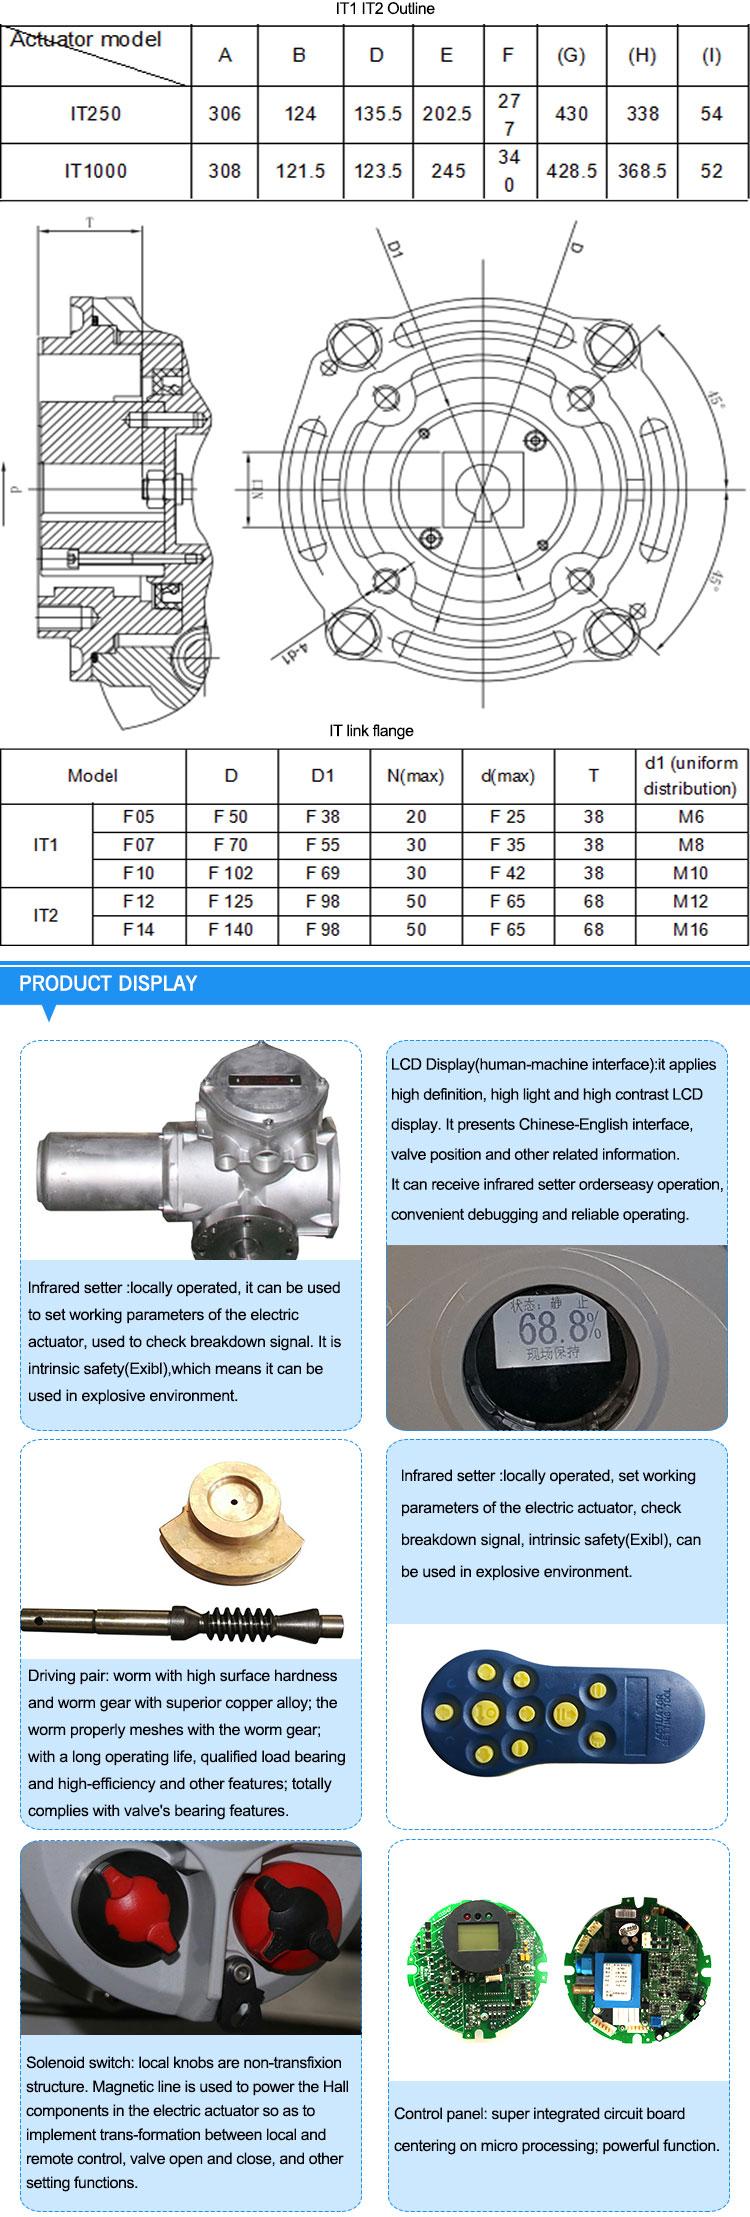 Rotork Actuator Manuals Rotary Actuator Electronic Actuator Iqtm125 - Buy  Electronic Actuator,Rotary Actuator,Rotork Actuator Manuals Product on